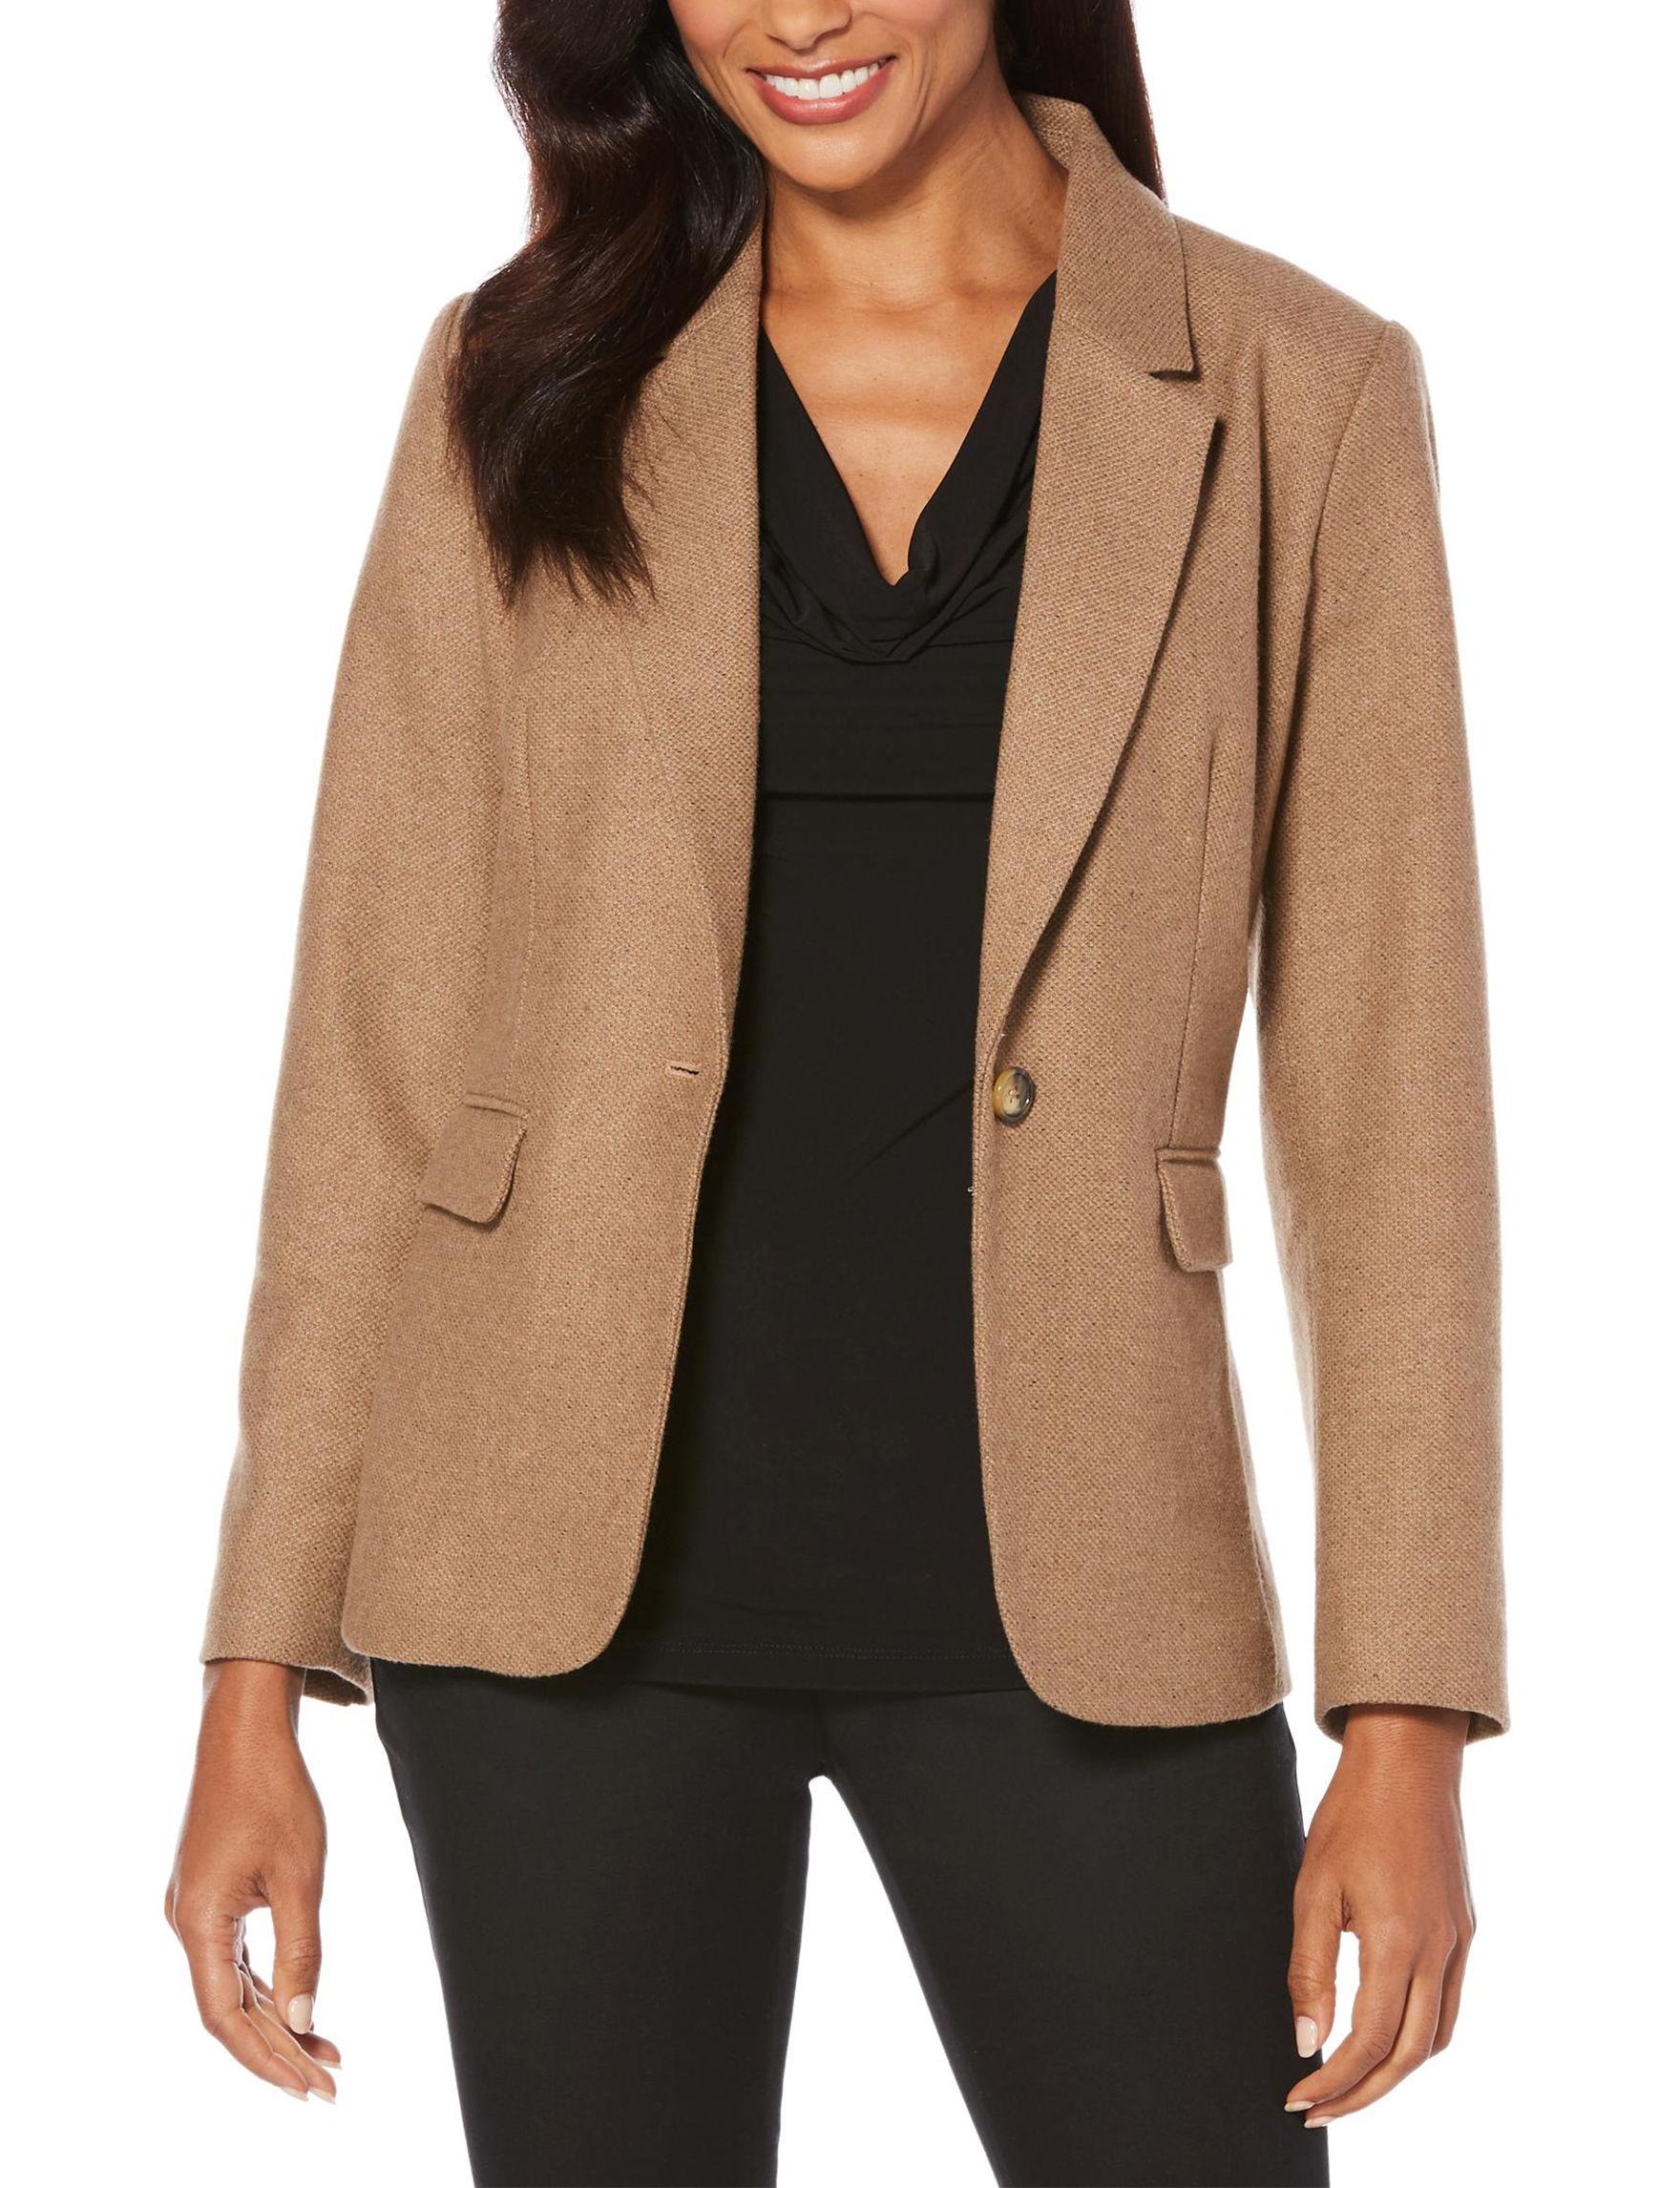 Rafaella Beige Lightweight Jackets & Blazers